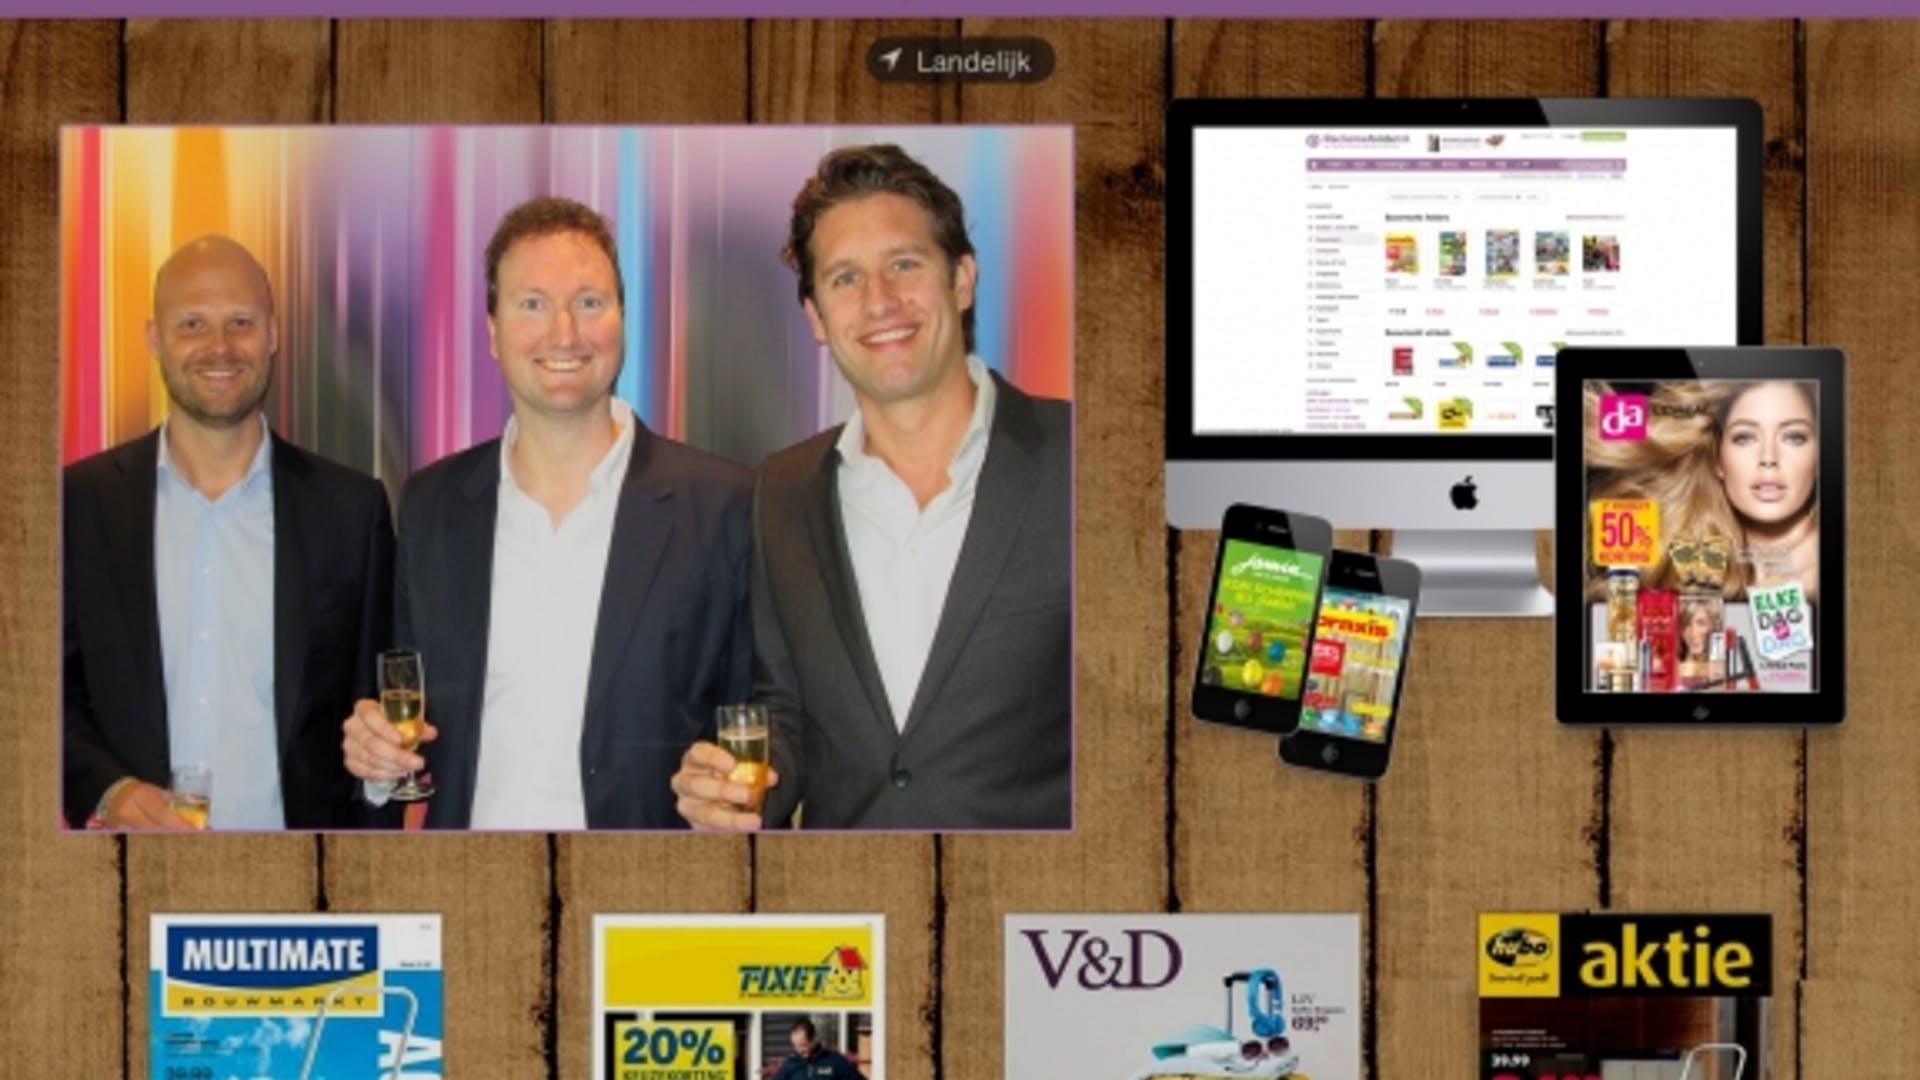 Jeffrey van Rossum en Robin Streng, oprichters van Reclamefolder.nl en Nicolas Eglau, directeur Ventures RTL Nederland